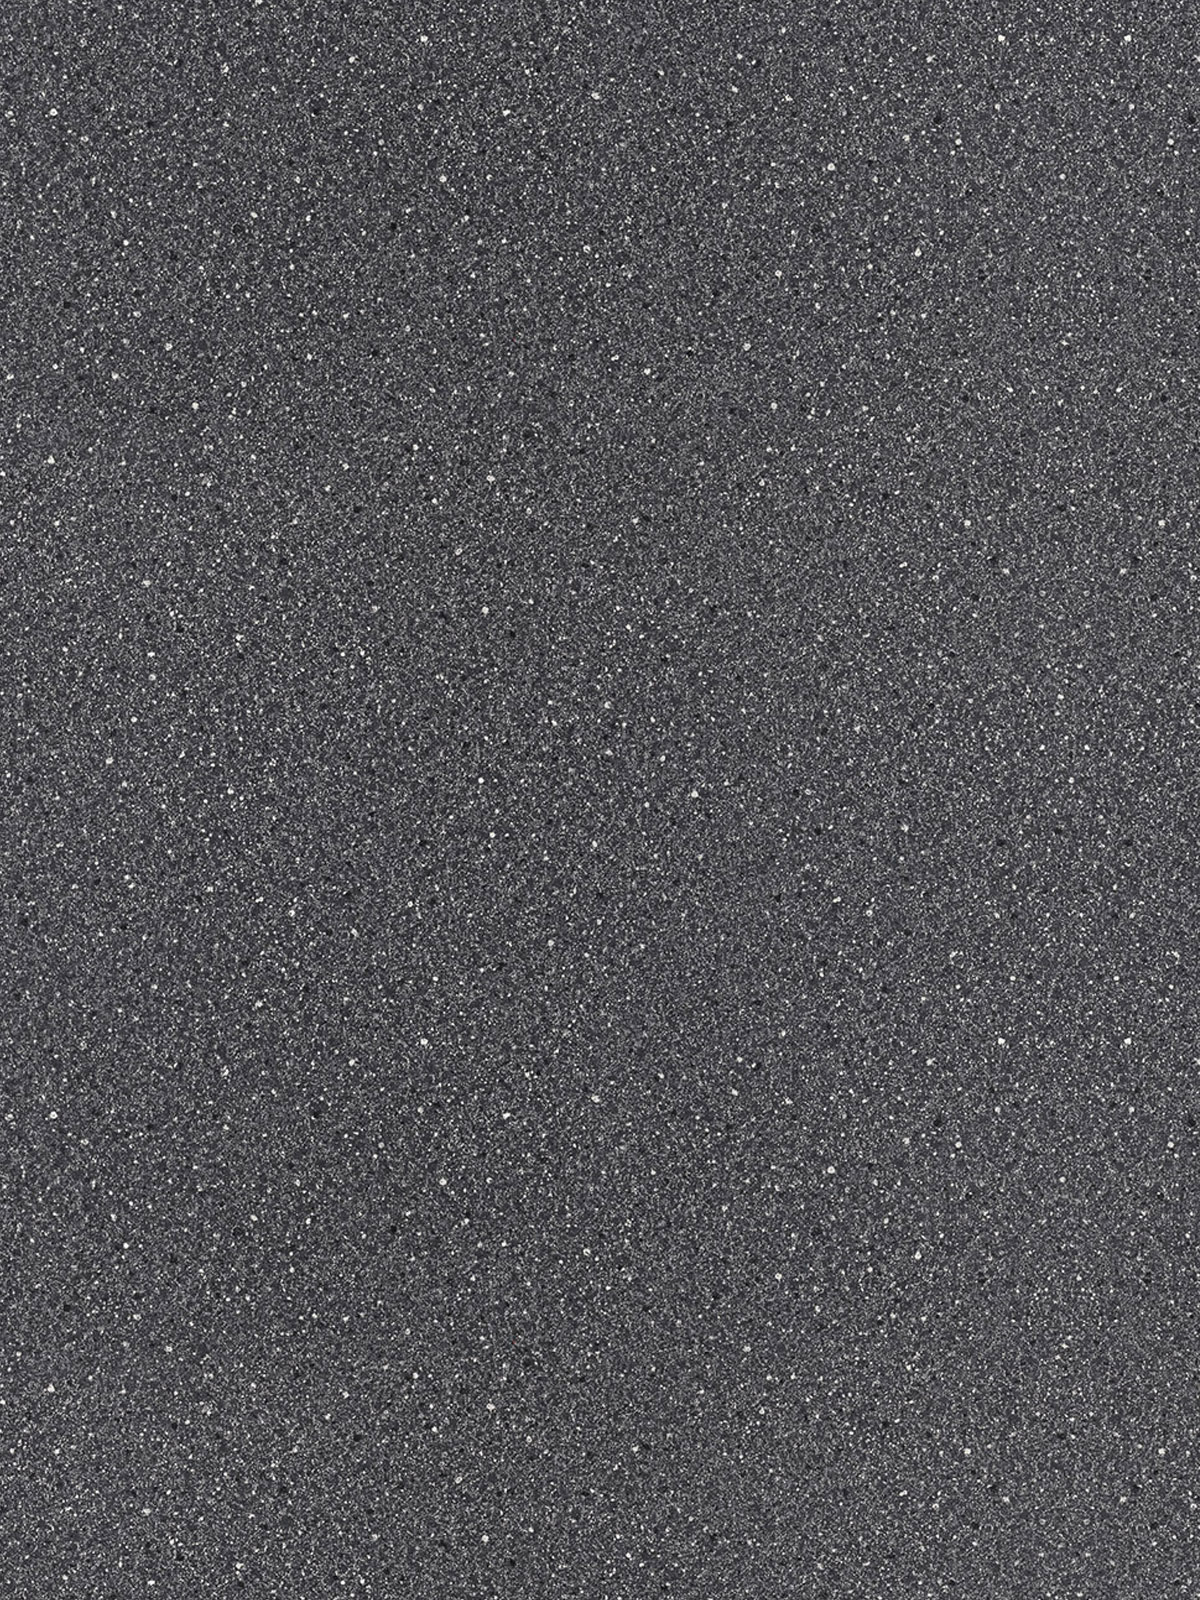 APLA Küchenarbeitsplatten GmbH 3344 Stein matt